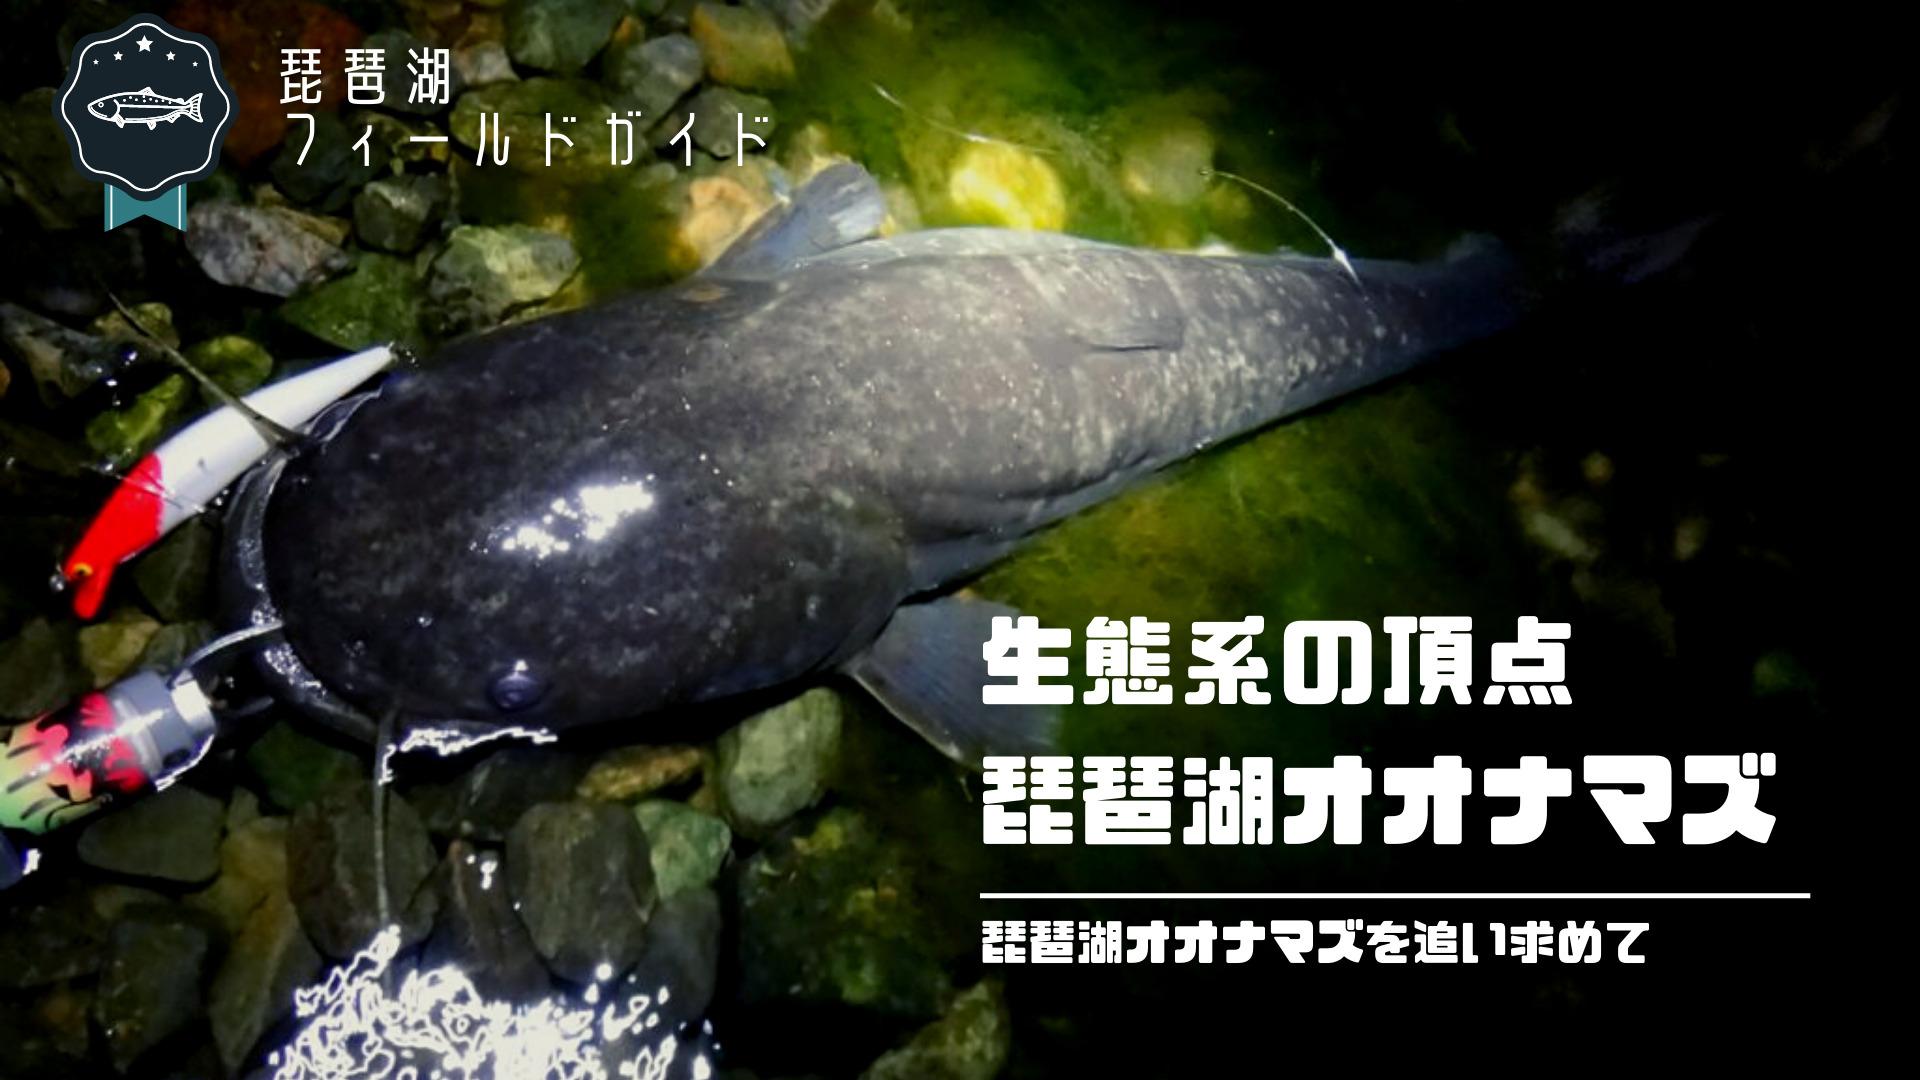 琵琶湖オオナマズは釣れる!日本三大怪魚の琵琶湖オオナマズの釣り方とタックルとは.jpg